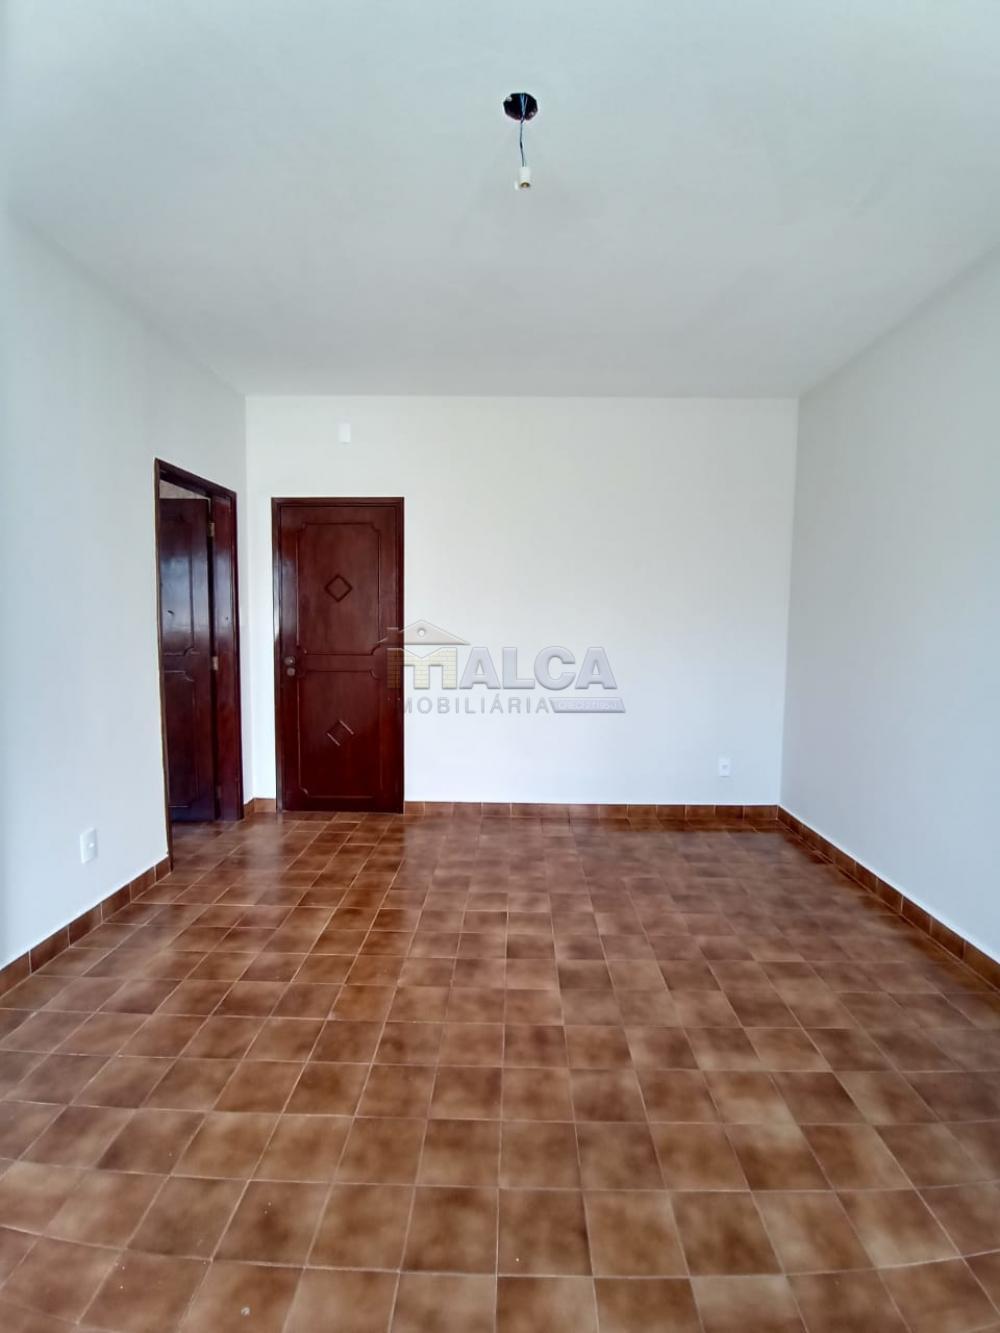 Alugar Casas / Padrão em São José do Rio Pardo apenas R$ 2.500,00 - Foto 19